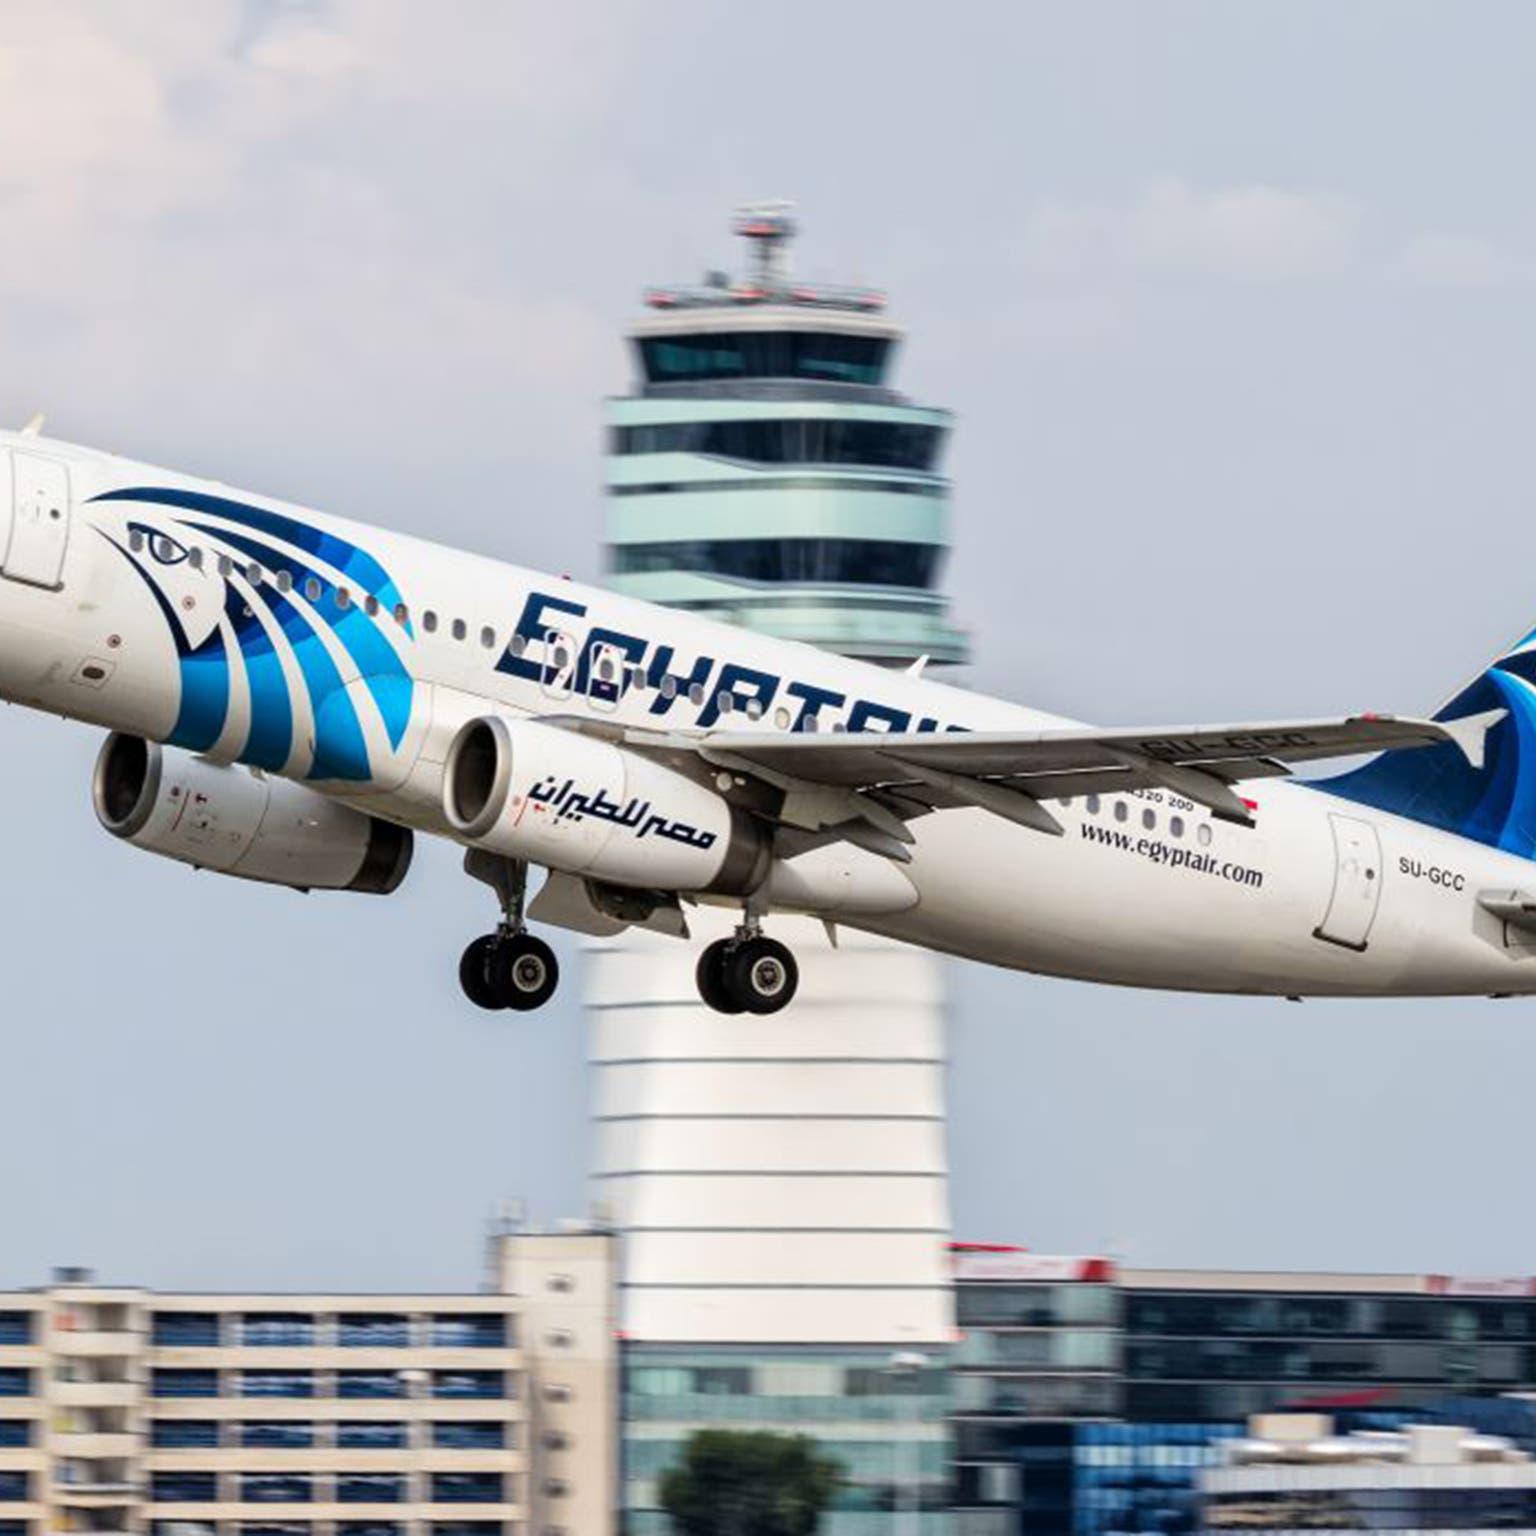 مصر للطيران تشغل رحلاتها المغادرة من السعودية وتستأنفها معمسقط